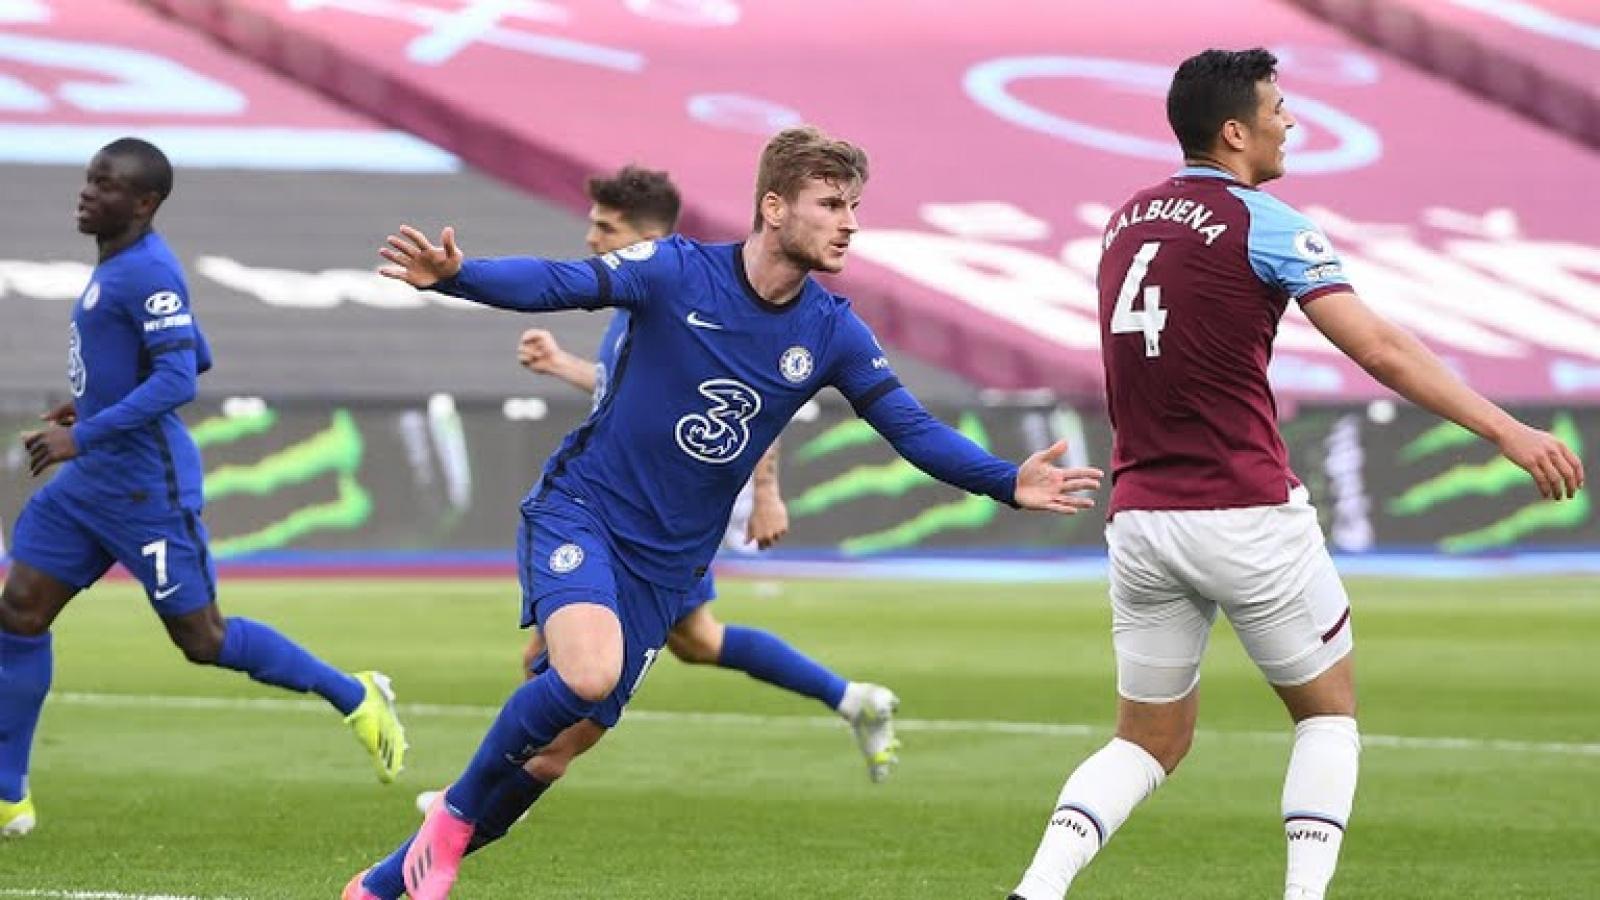 Bảng xếp hạng Ngoại hạng Anh mới nhất: Chelsea đe dọa tốp 3, MU níu kéo hy vọng